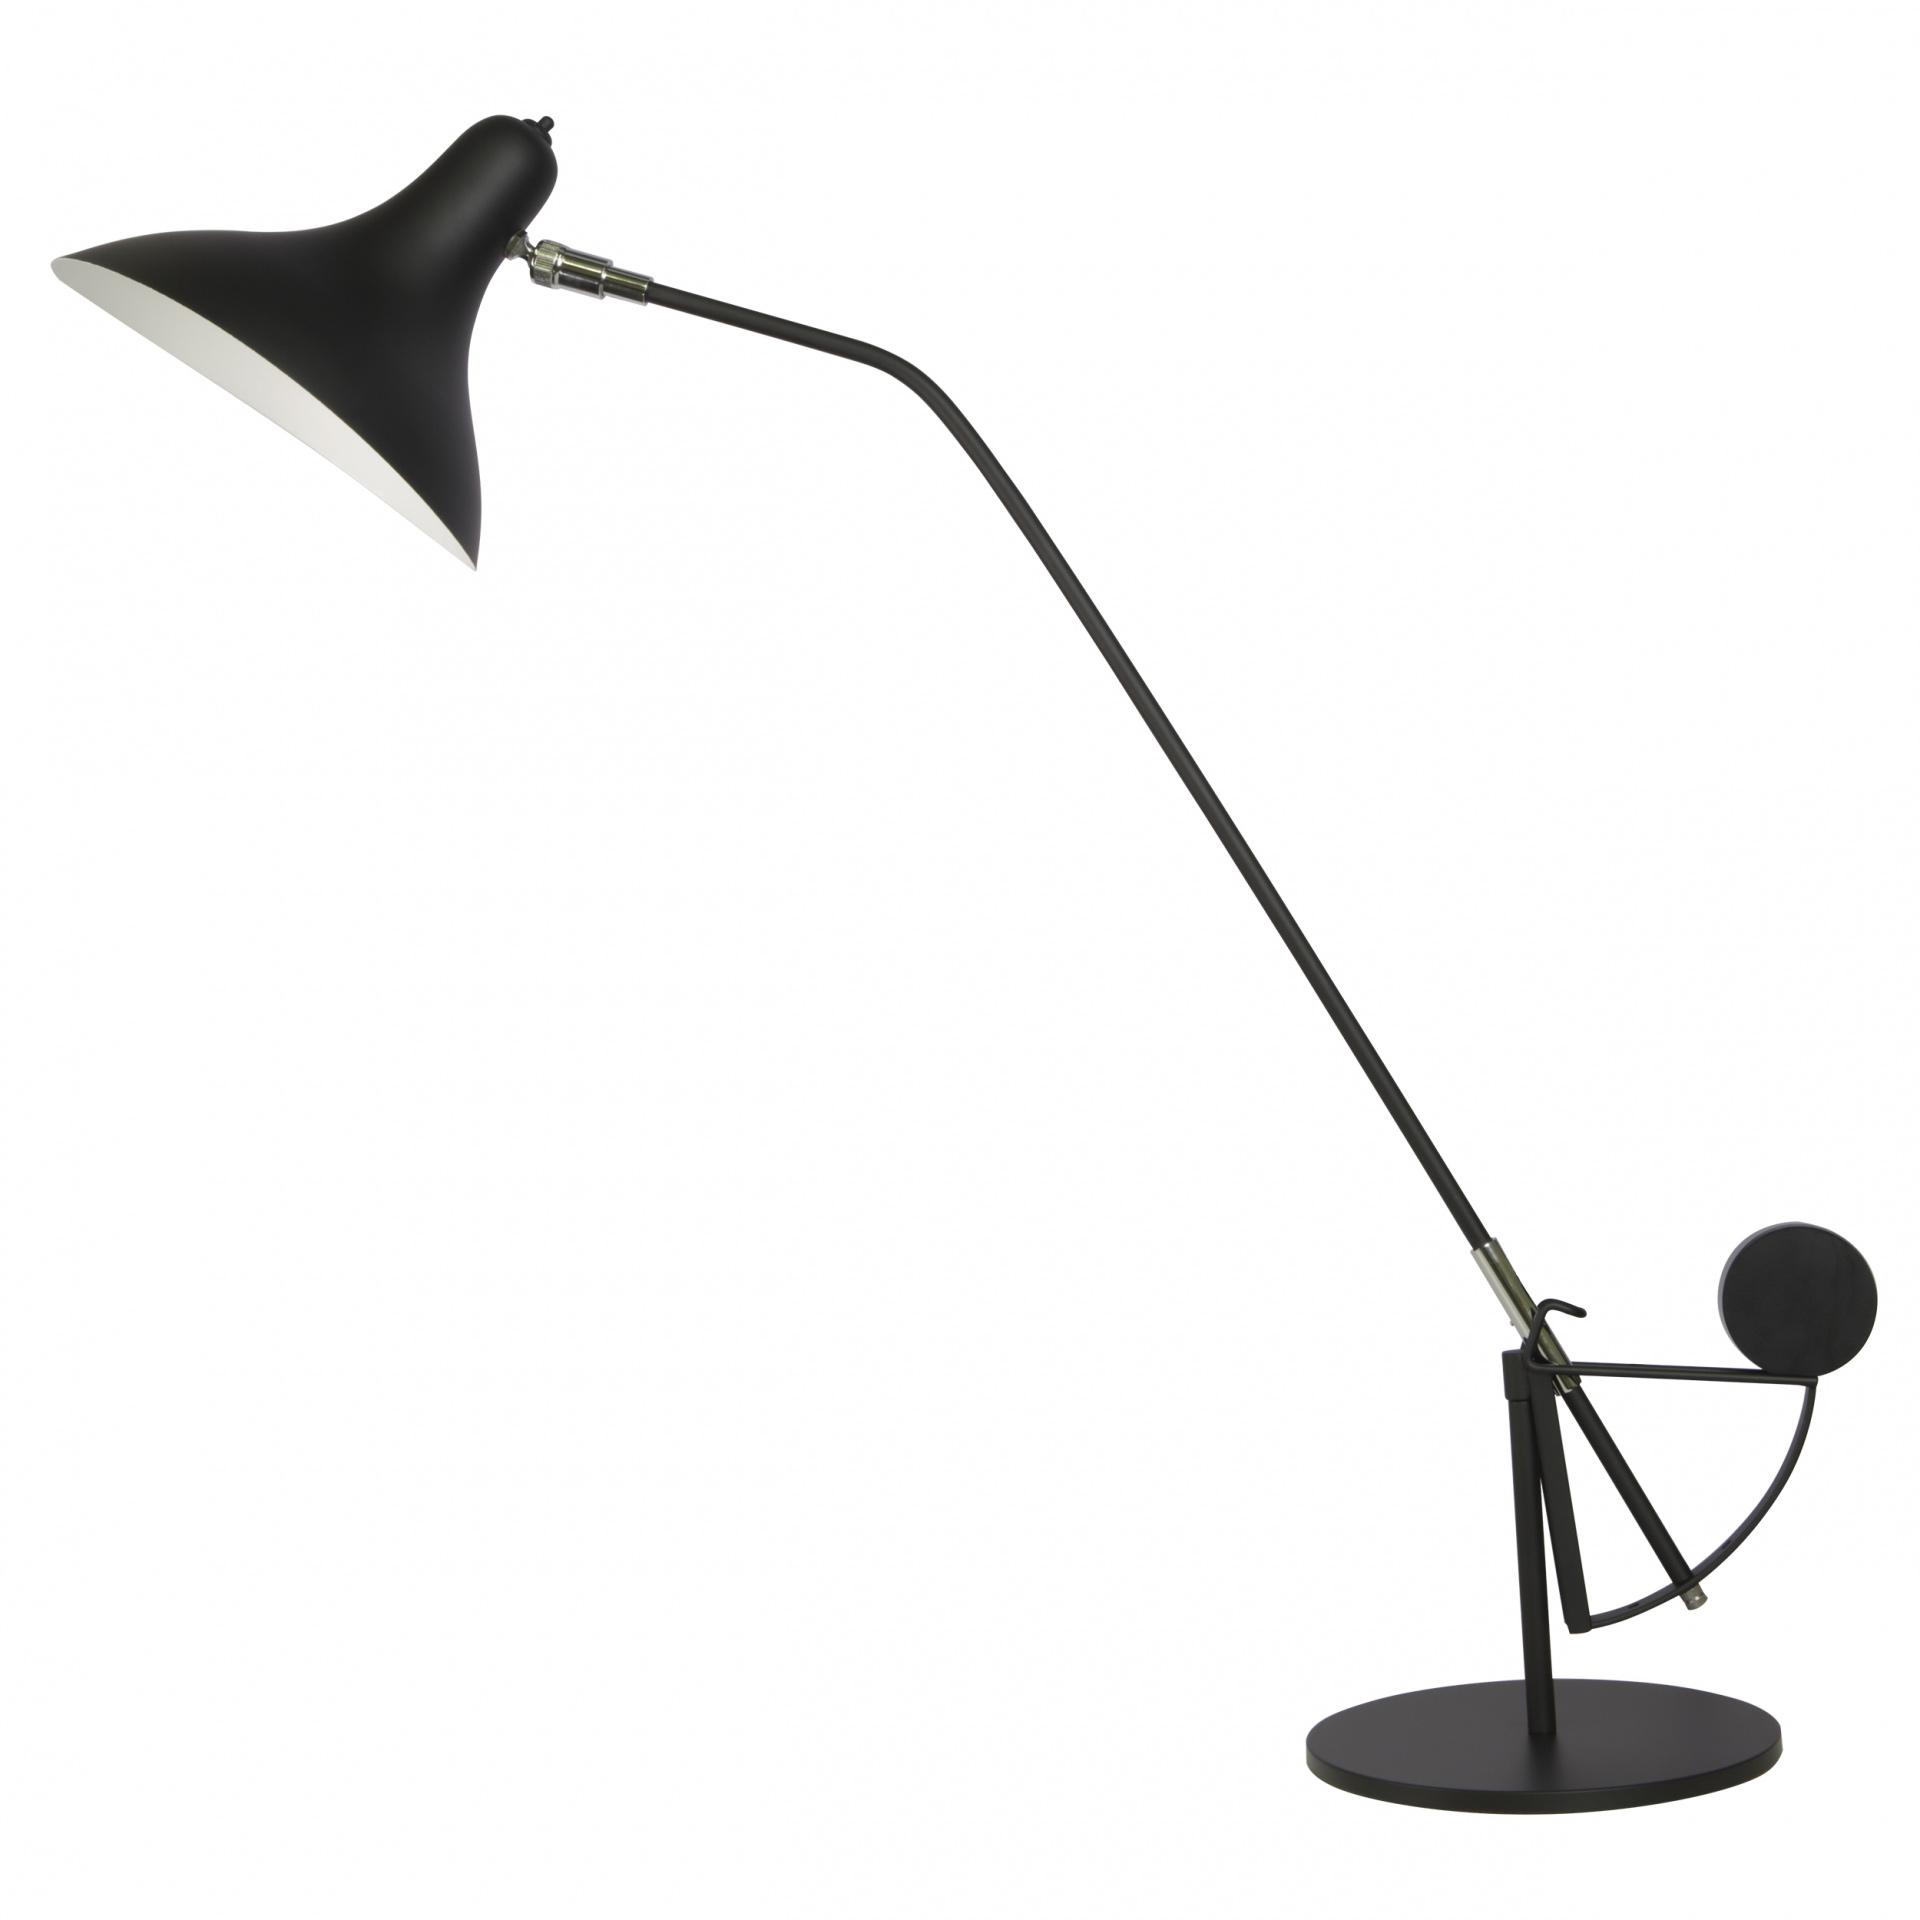 Настольная лампа Manti 1х40W E14 Black Lightstar 764907, купить в СПб, Москве, с доставкой, Санкт-Петербург, интернет-магазин люстр и светильников Starlight, фото в жизни